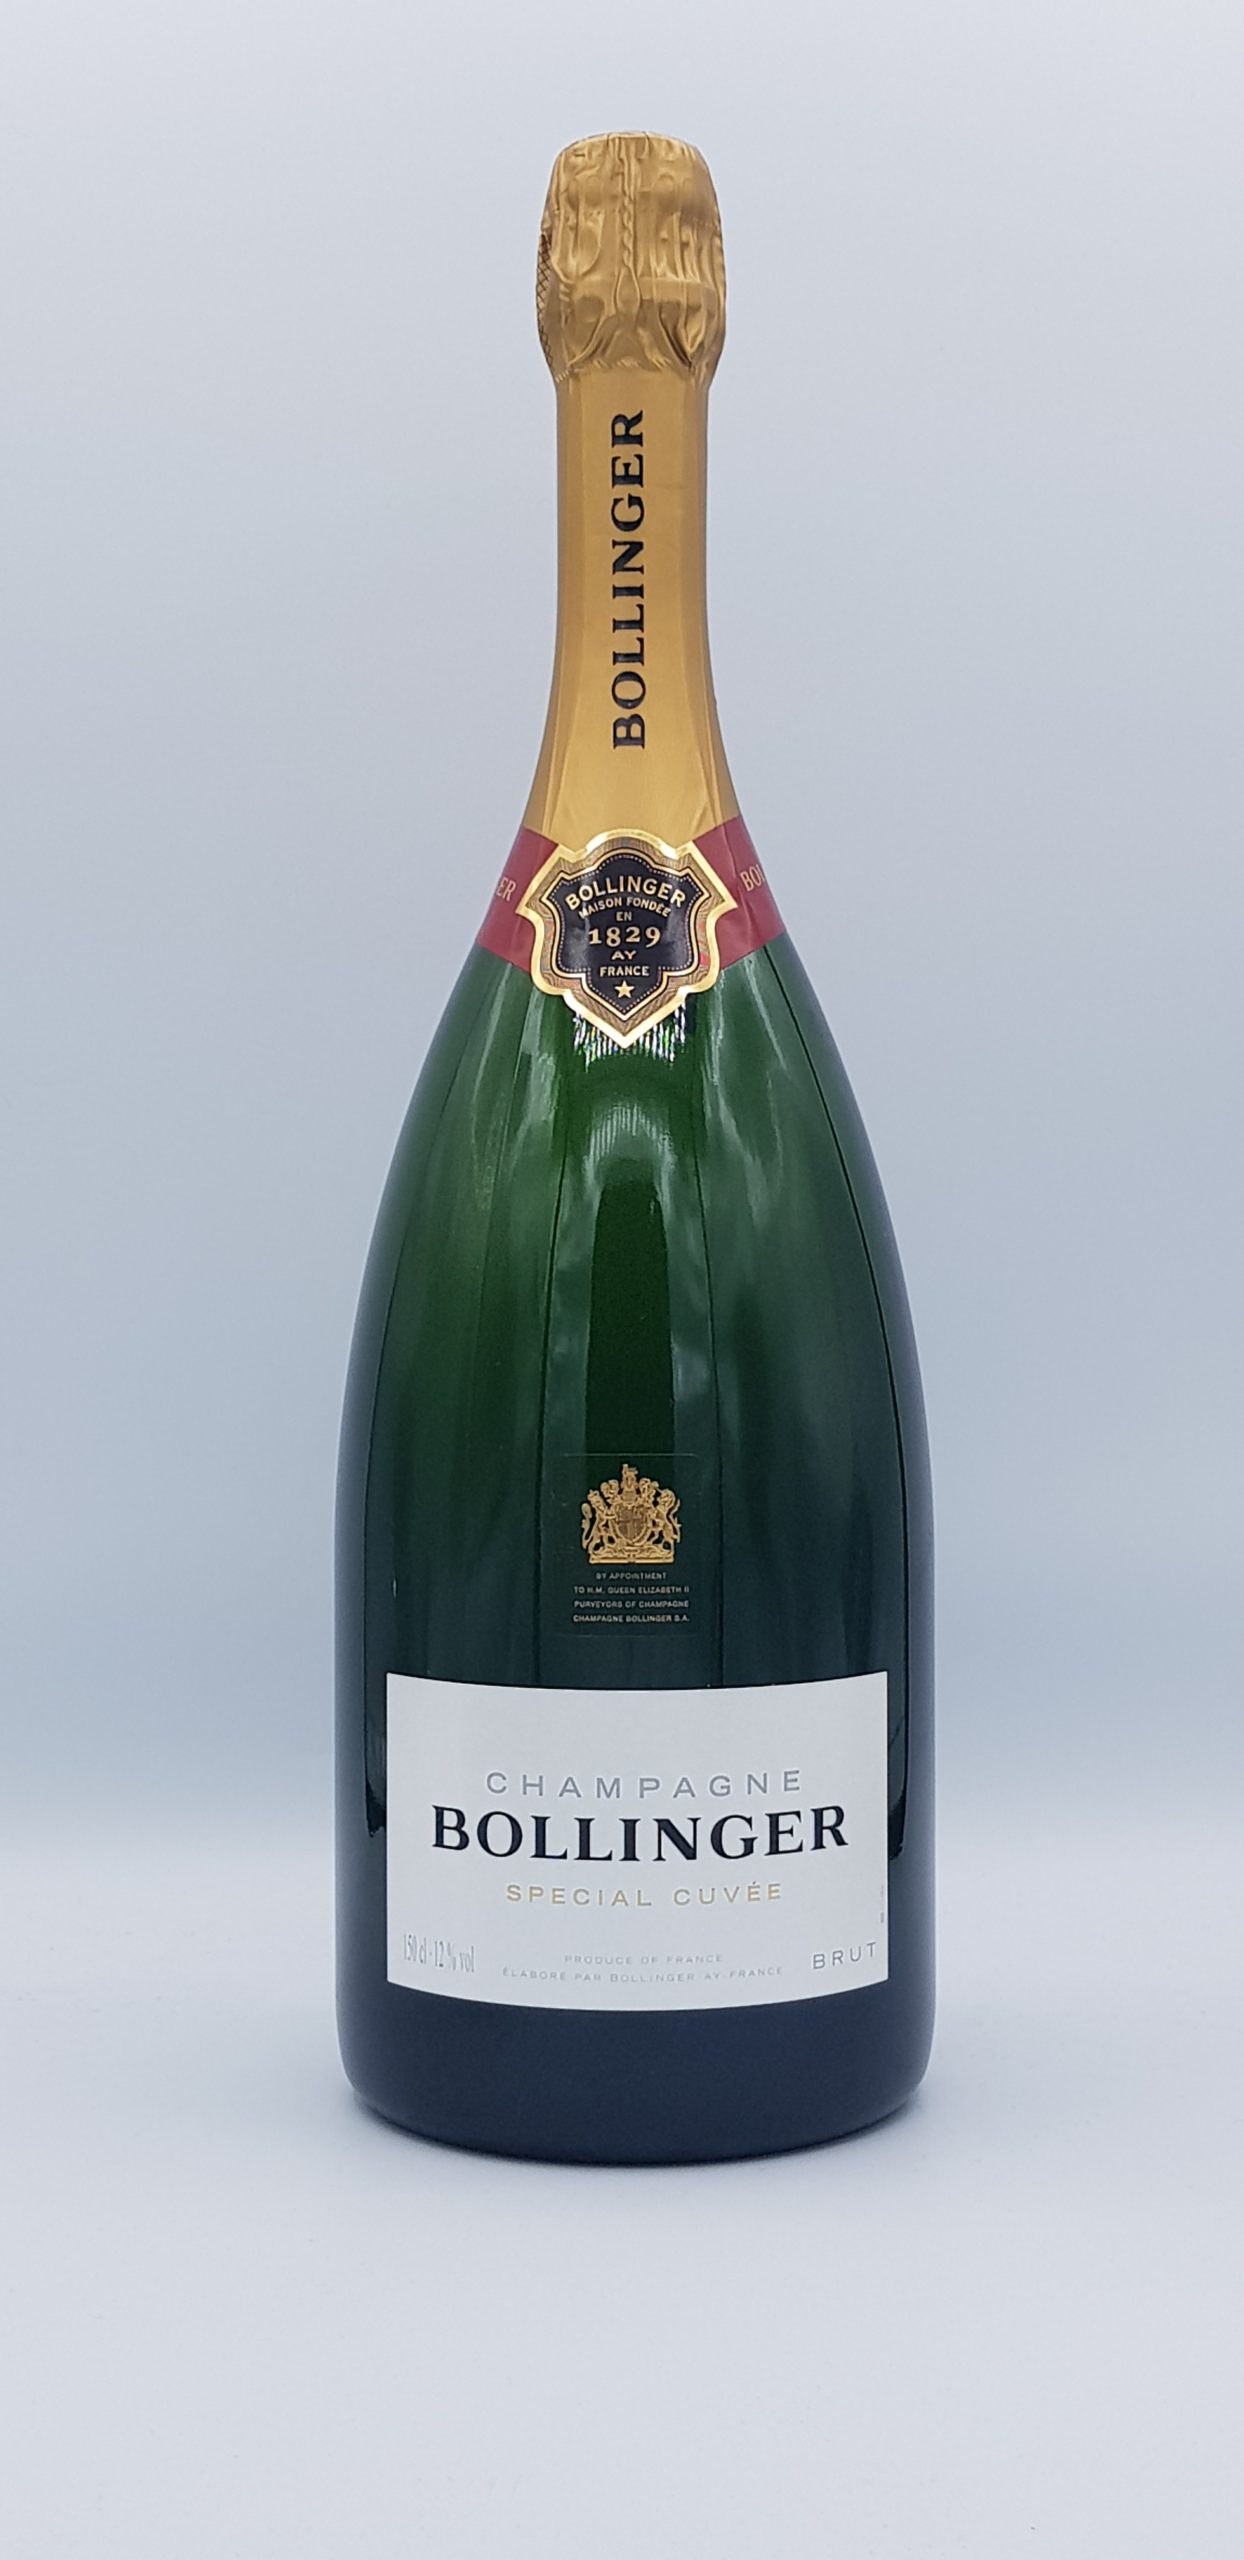 Champagne Bollinger Spécial Cuvée 150CL